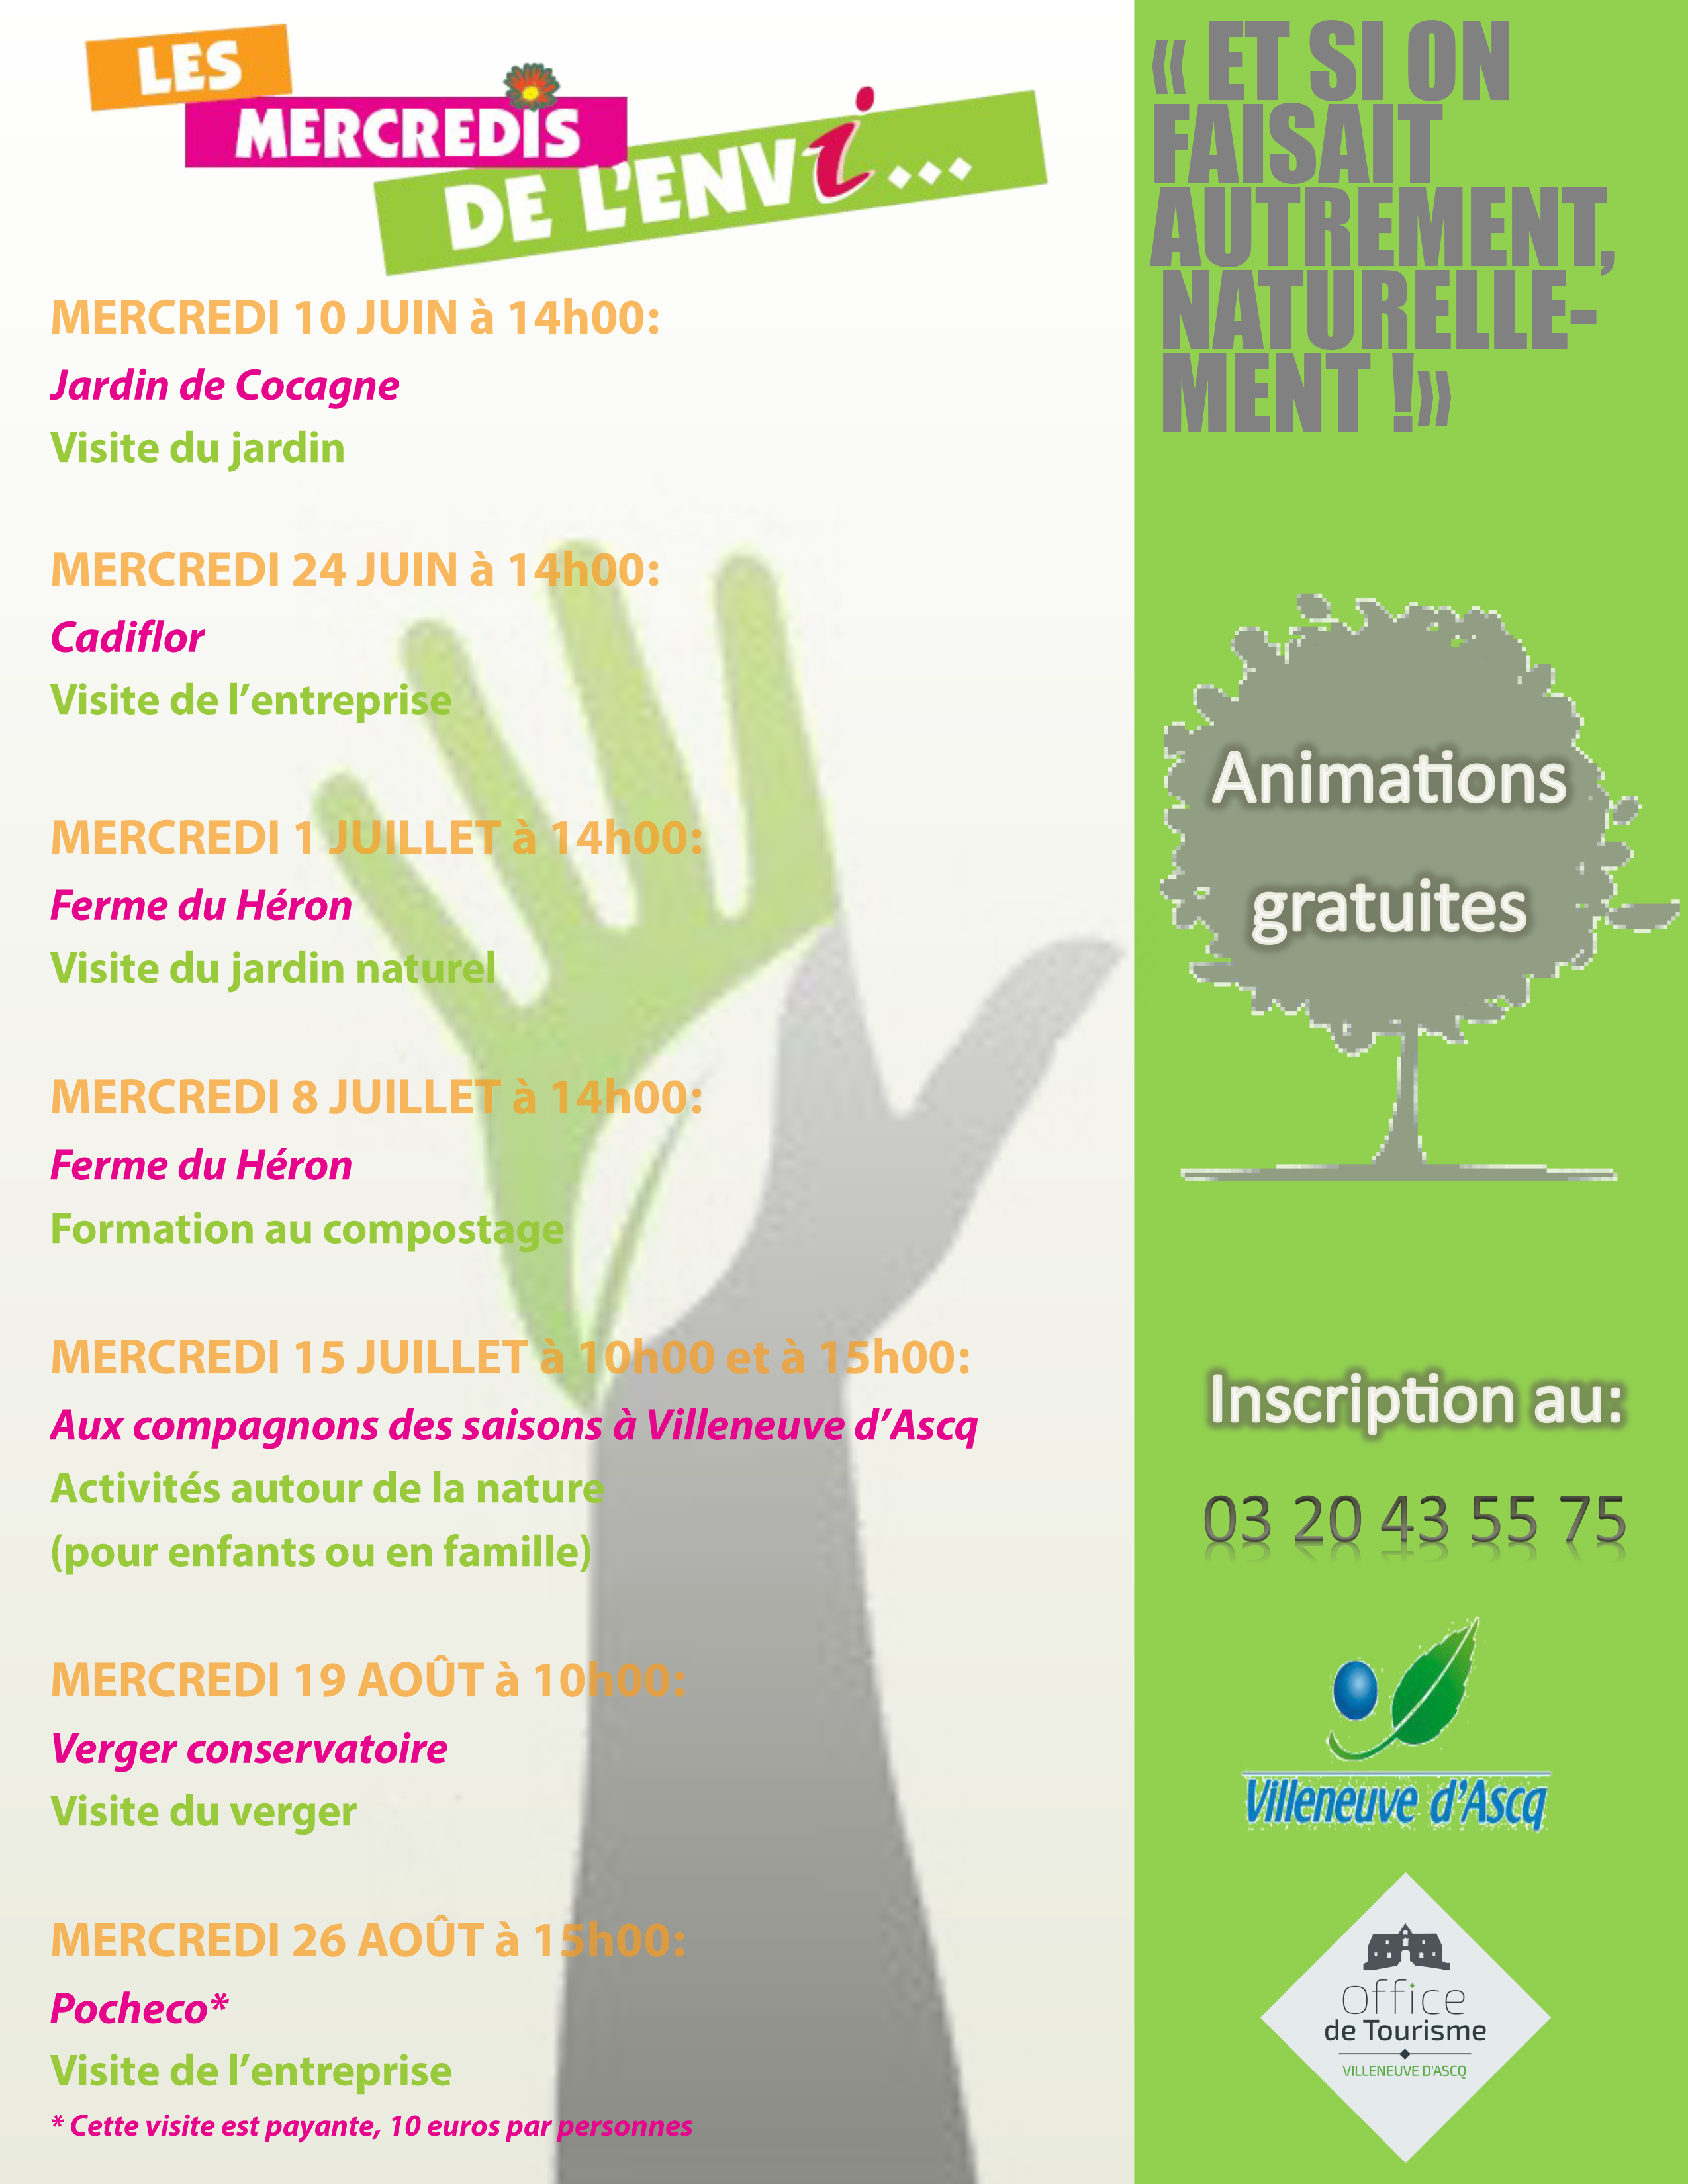 Les mercredis de l 39 envi villeneuve d 39 ascq tourisme - Office de tourisme de villeneuve d ascq ...